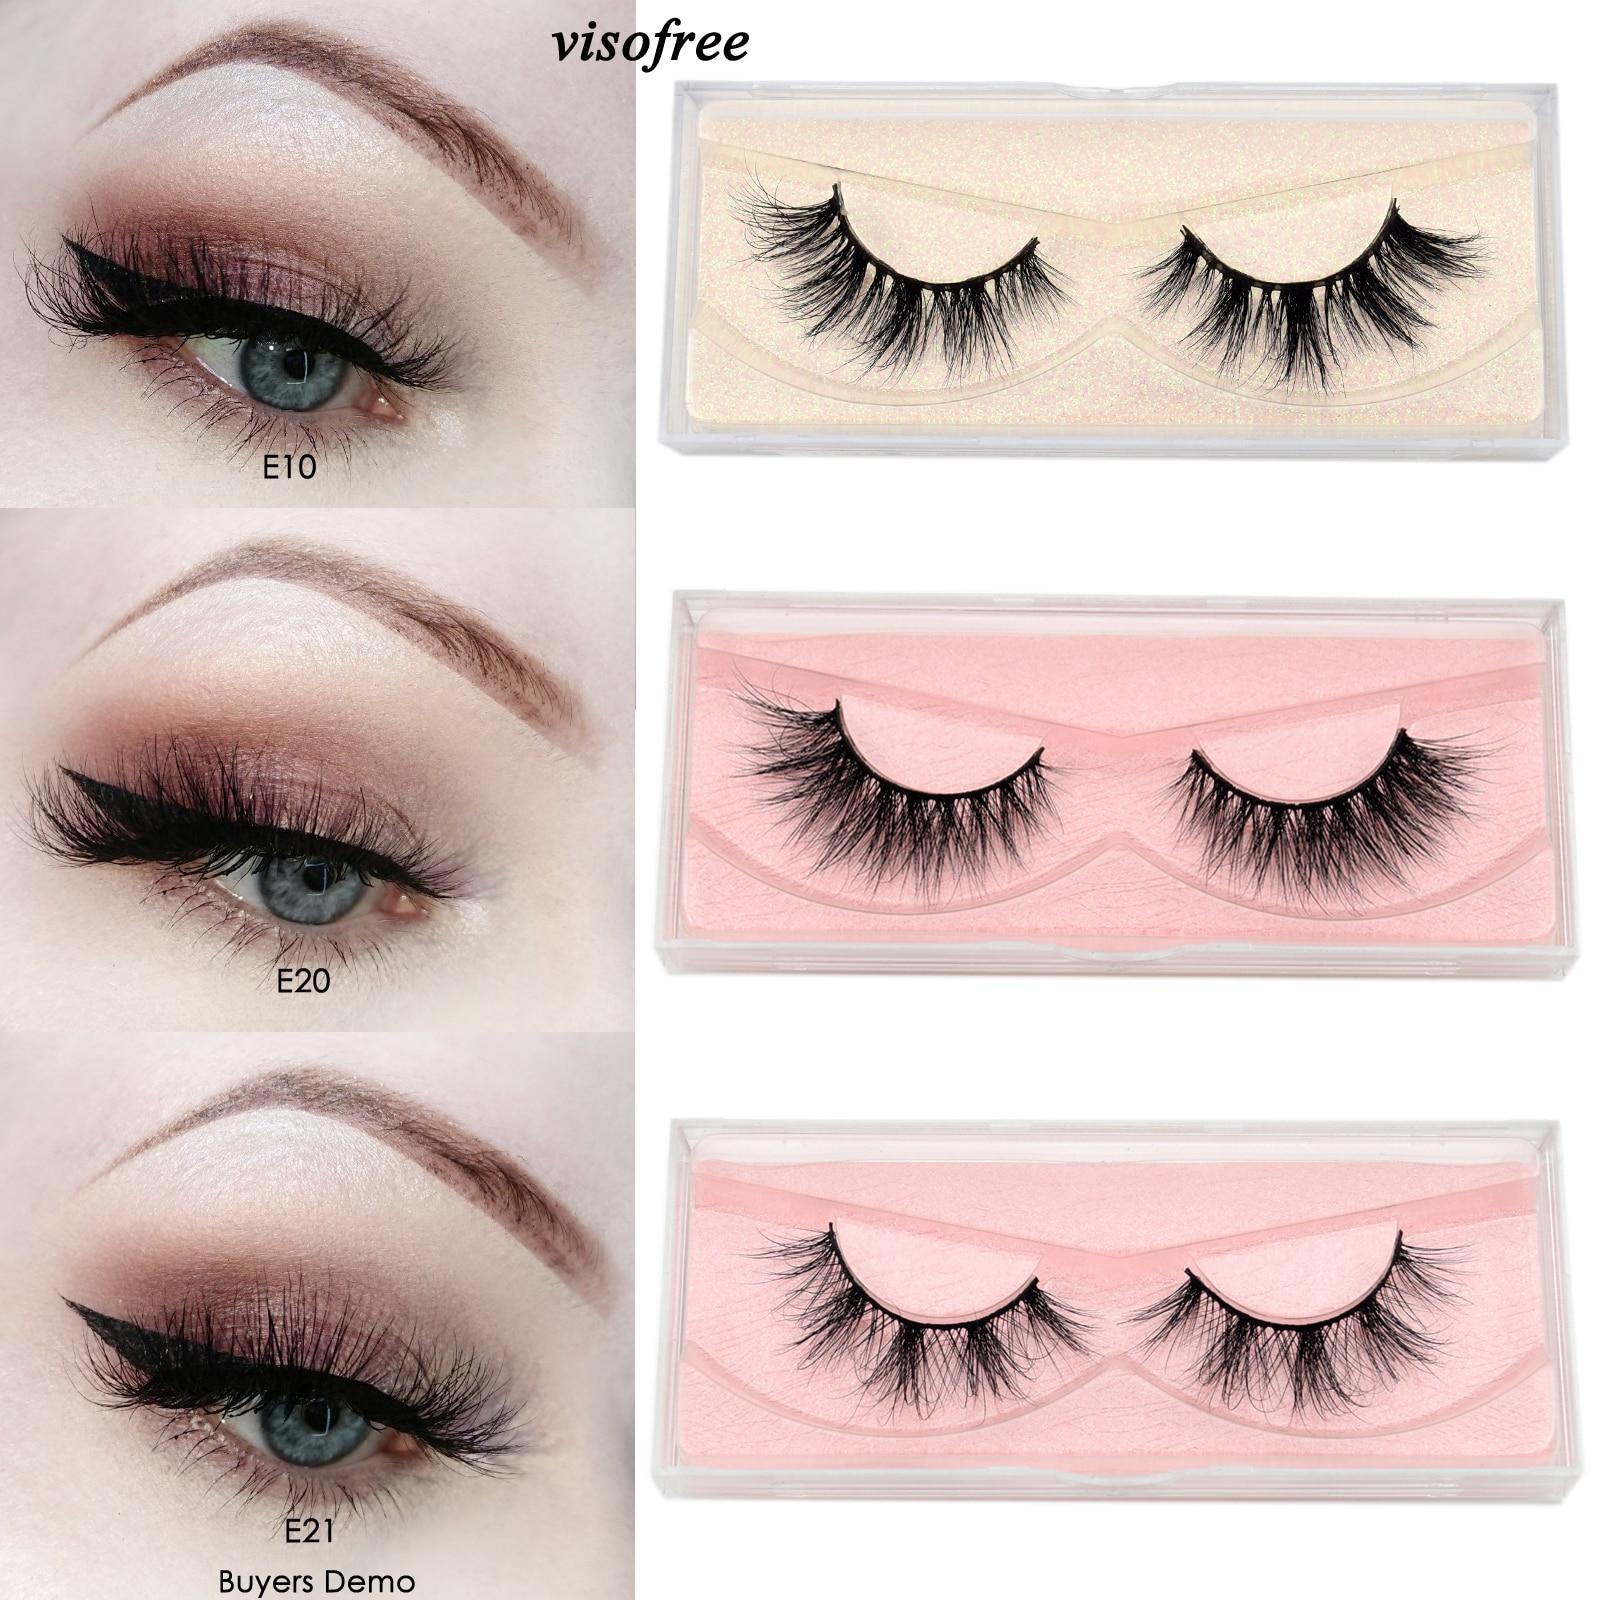 Visofree 3D Eyelashes Mink False Eyelashes Handmade Thick False Eyelashes Extension Soft Eye Lashes Natural Long Mink Eyelashes